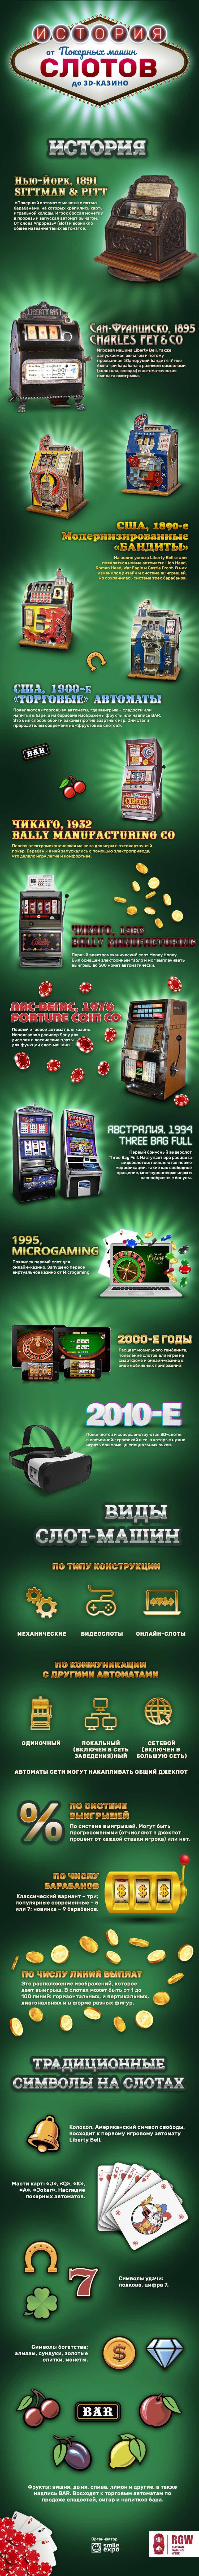 RGW Moscow: Istoriya slotov: ot pokernyih mashin do 3D-kazino (infografika) 1